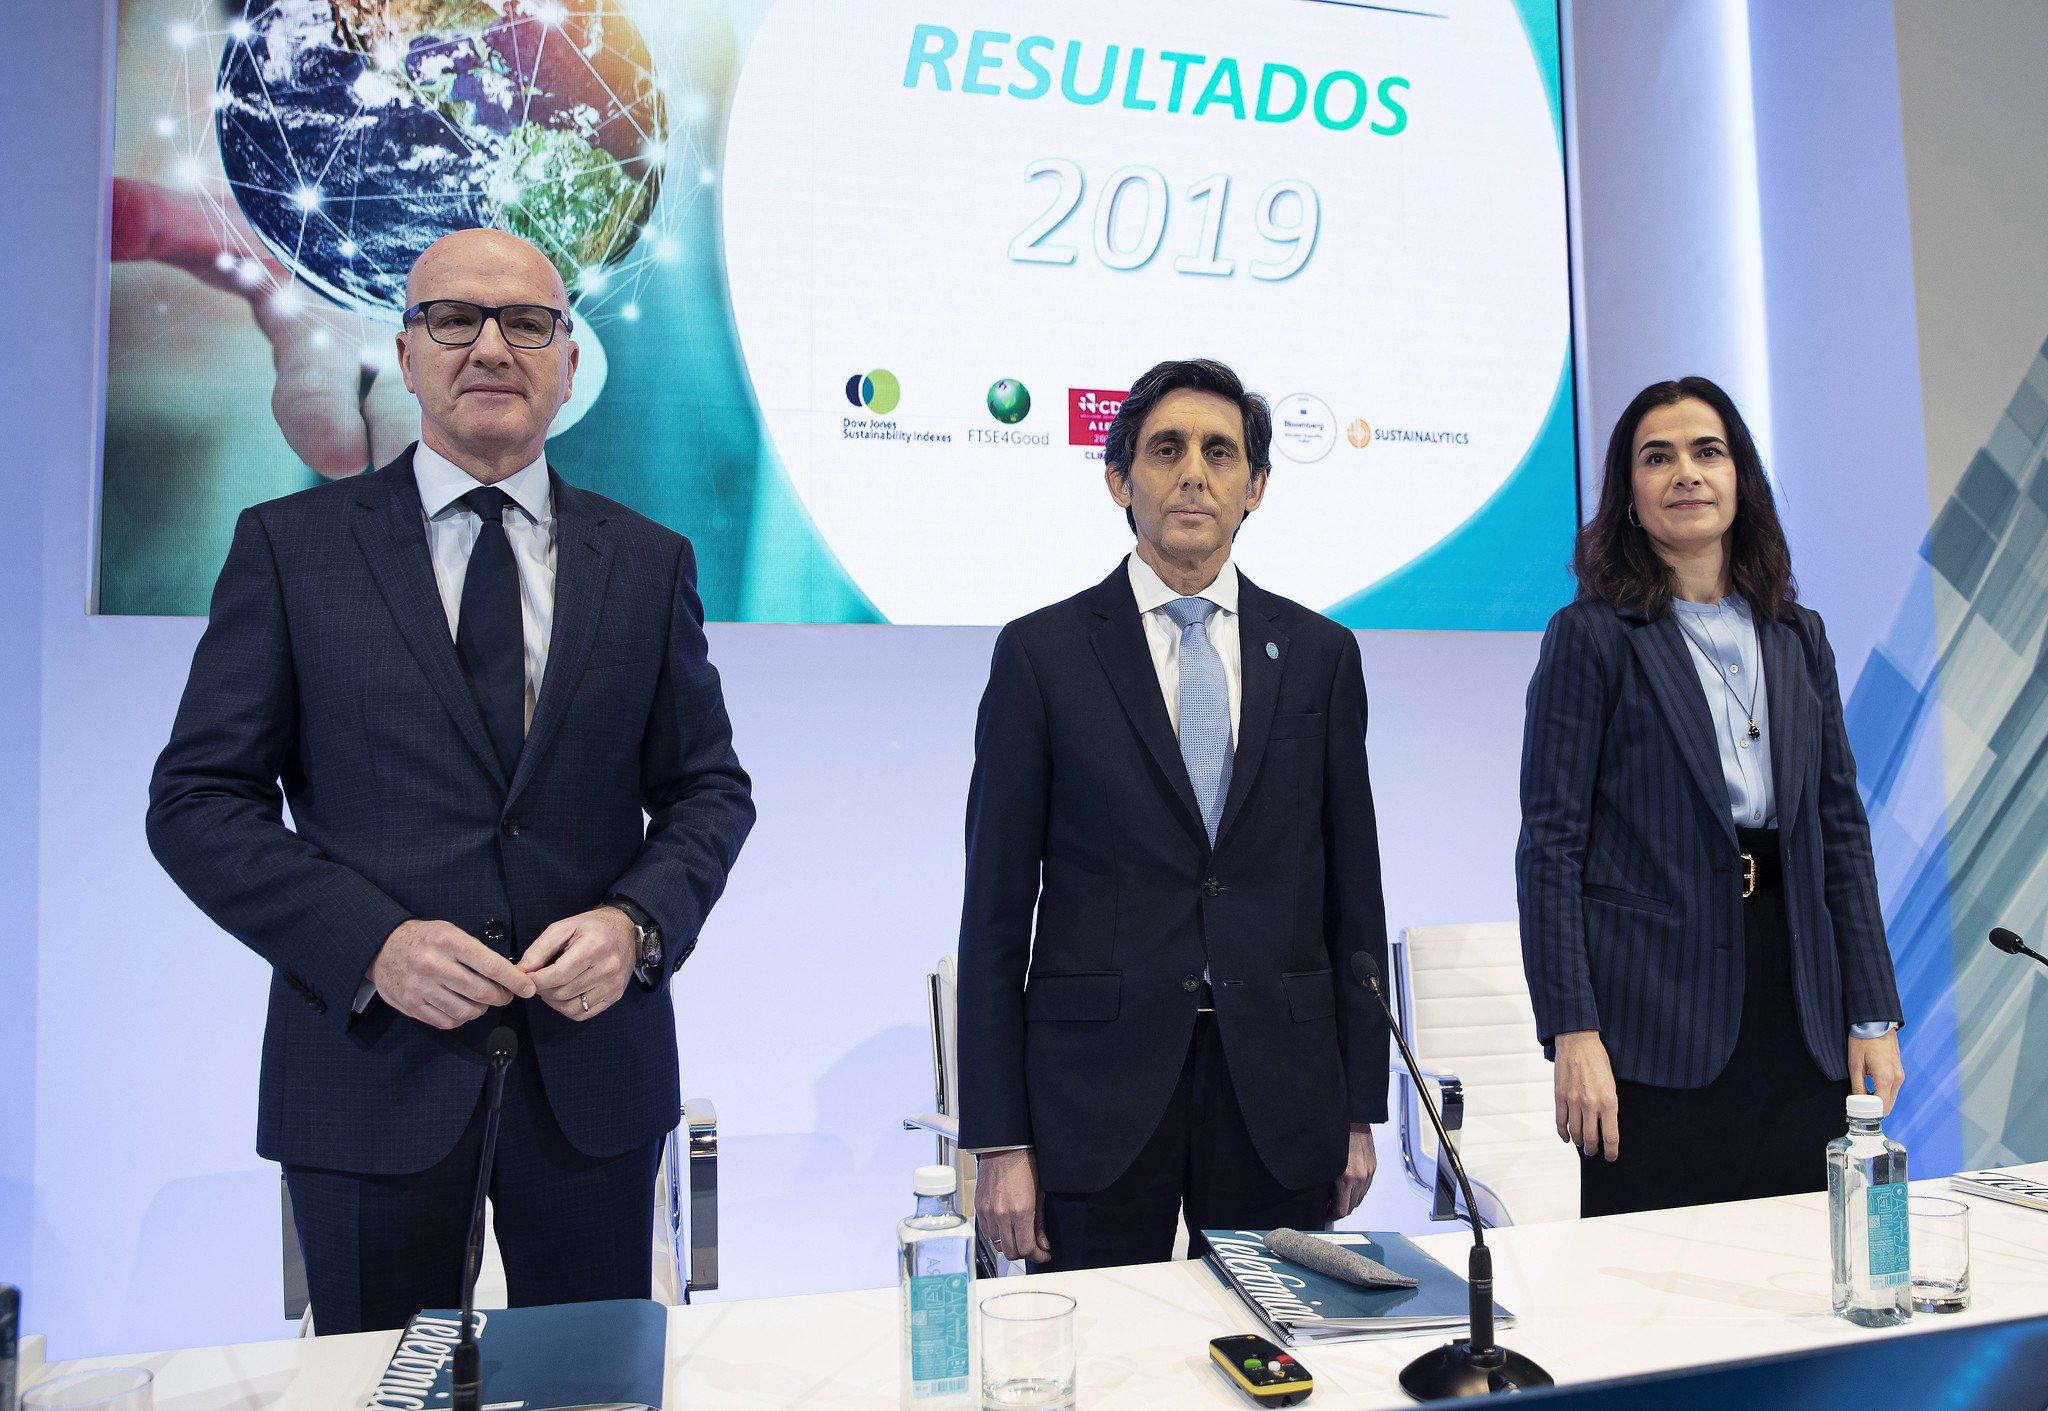 Ángel Vilá, José María Álvarez Pallete y Laura Abasolo, en la presentación de resultados de 2019